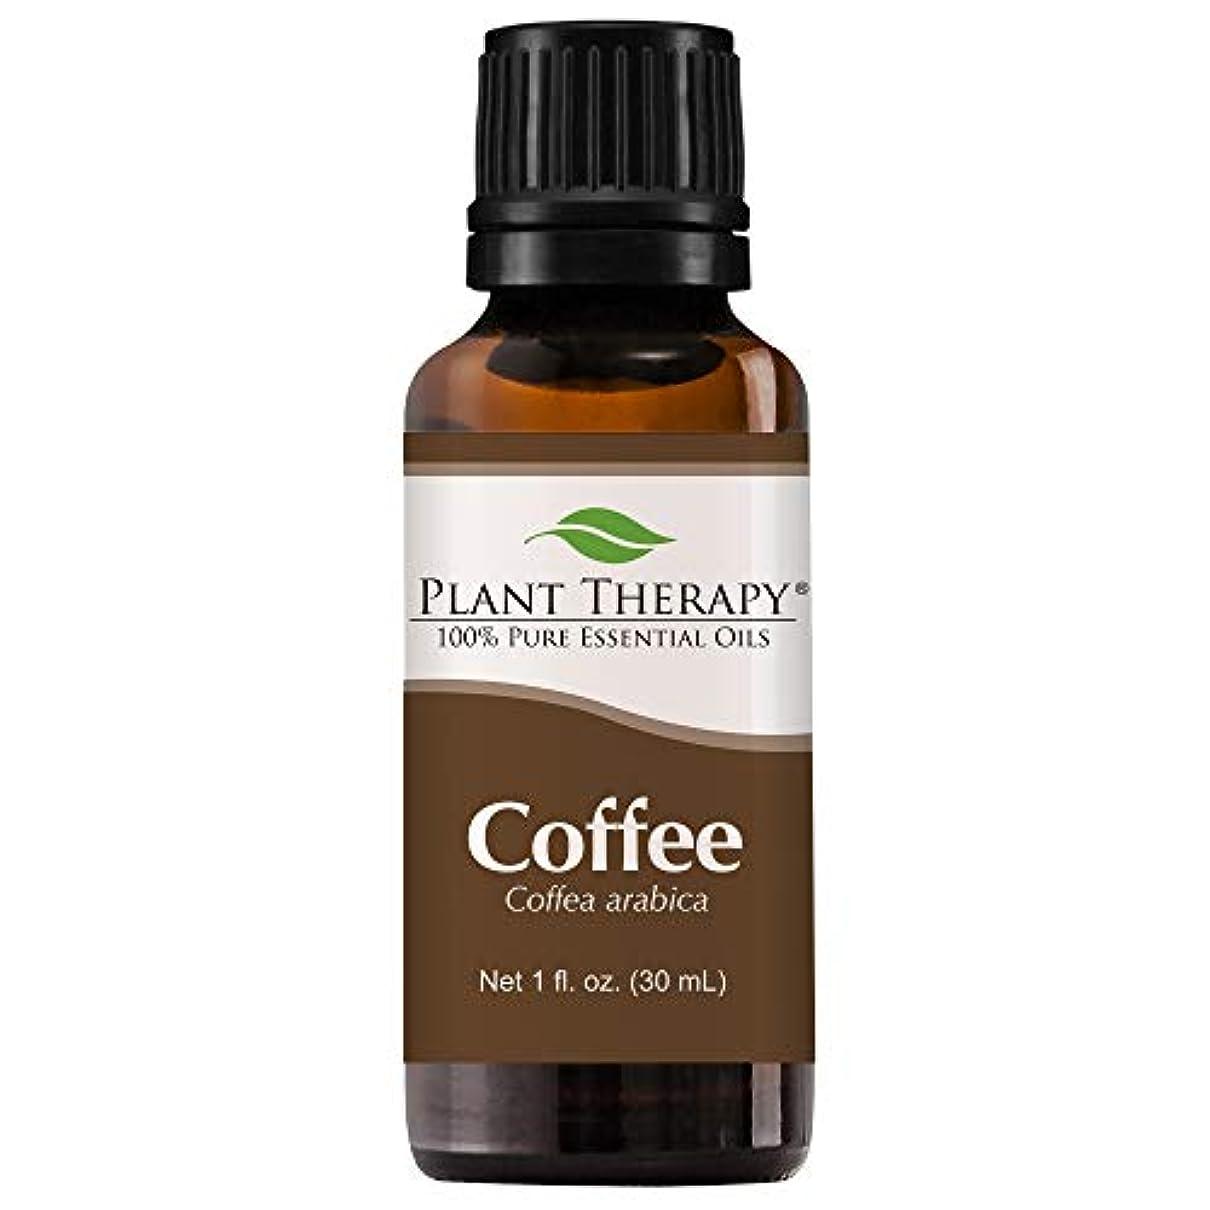 繁雑艦隊逆さまにCoffee Essential Oil. 30 ml (1 oz). 100% Pure, Undiluted, Therapeutic Grade. by Plant Therapy Essential Oils